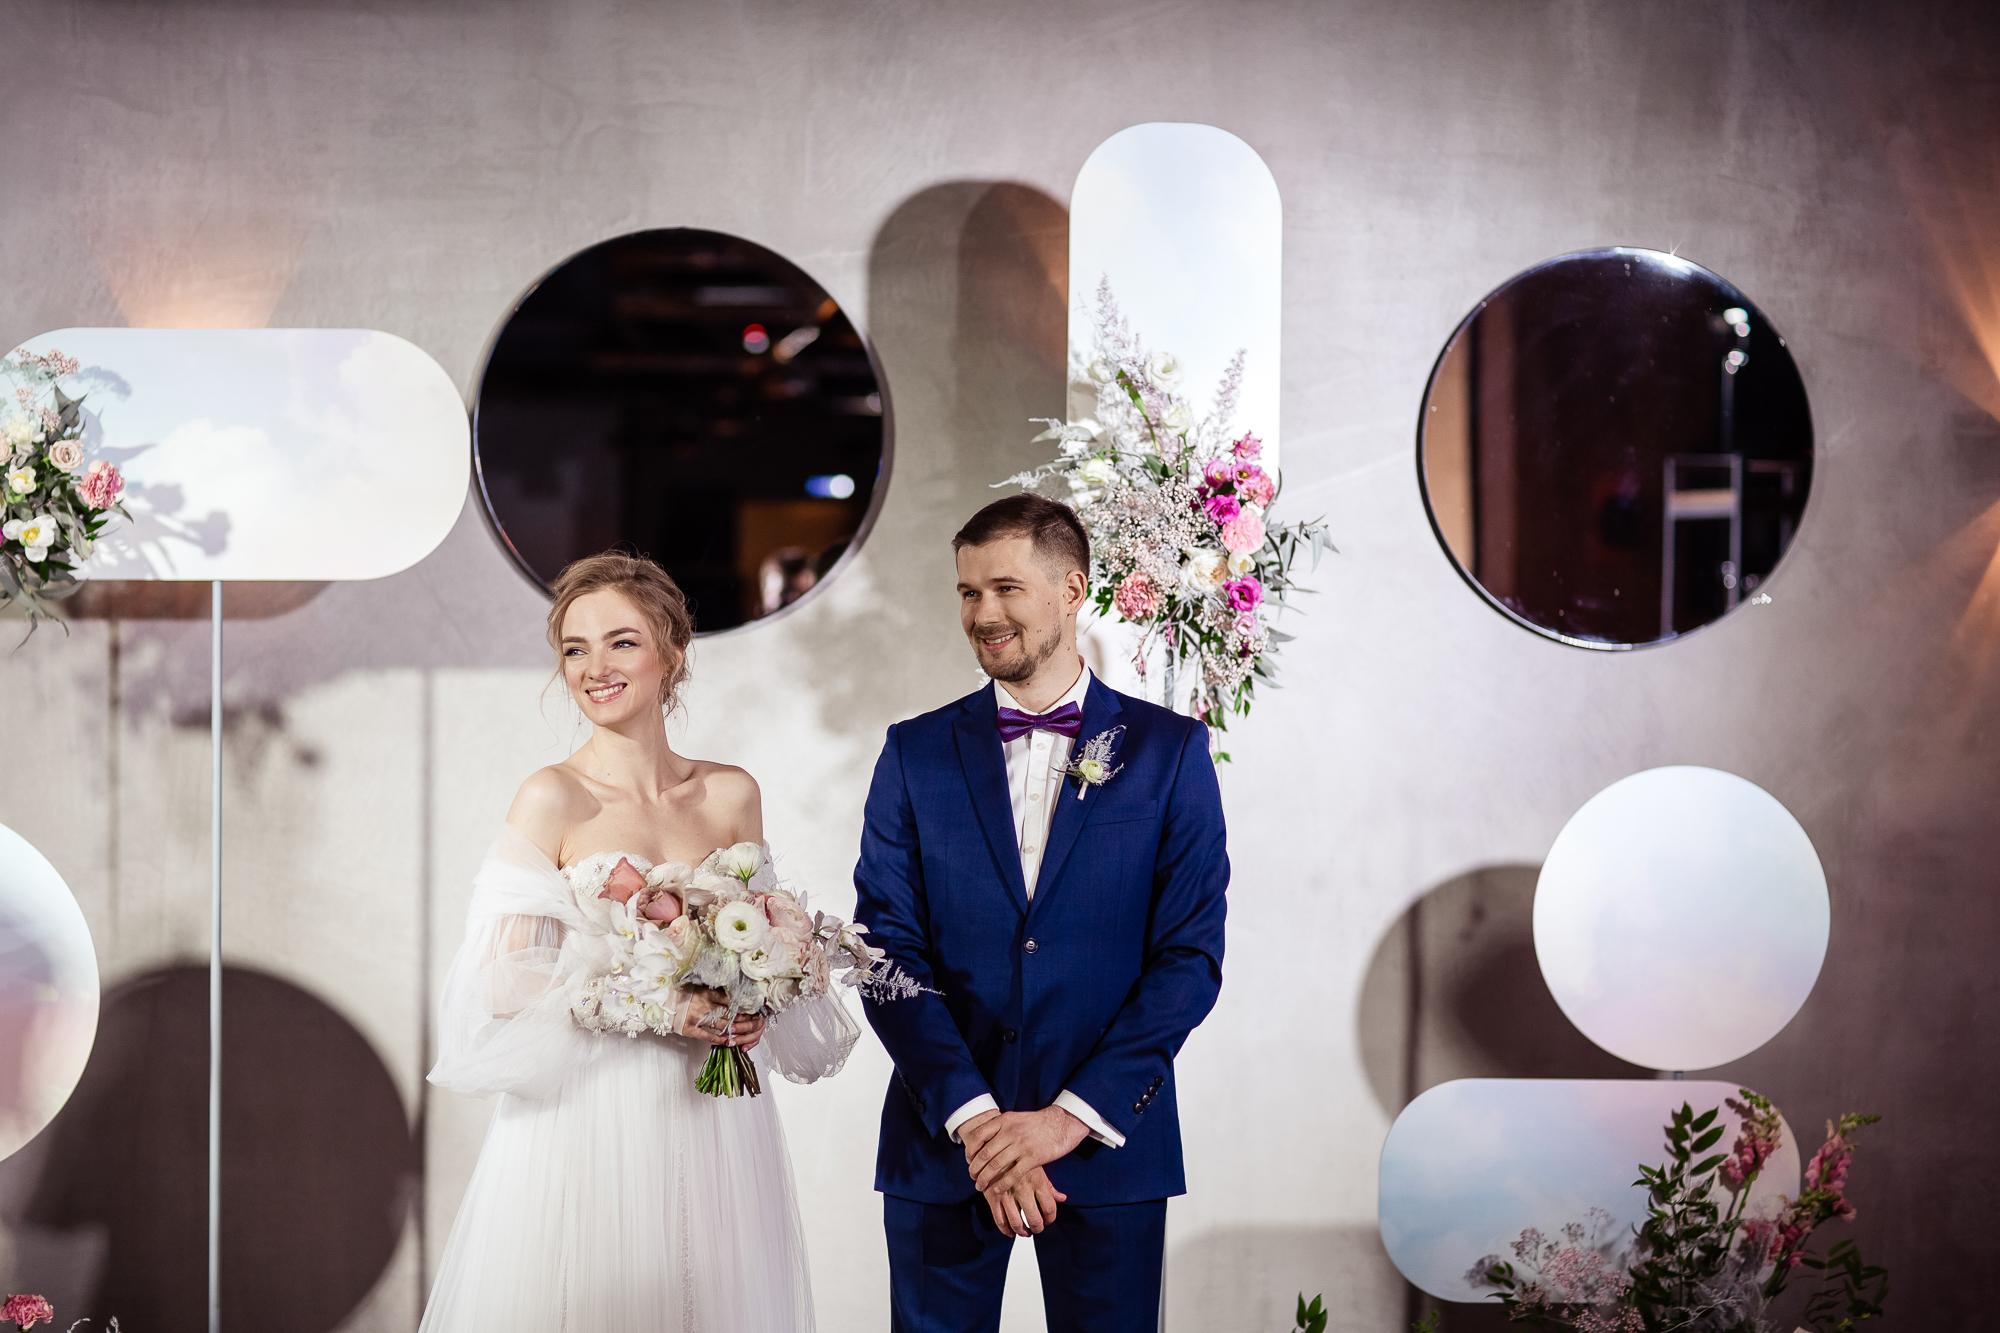 Свадьба Анастасии и Алексея, г. Москва